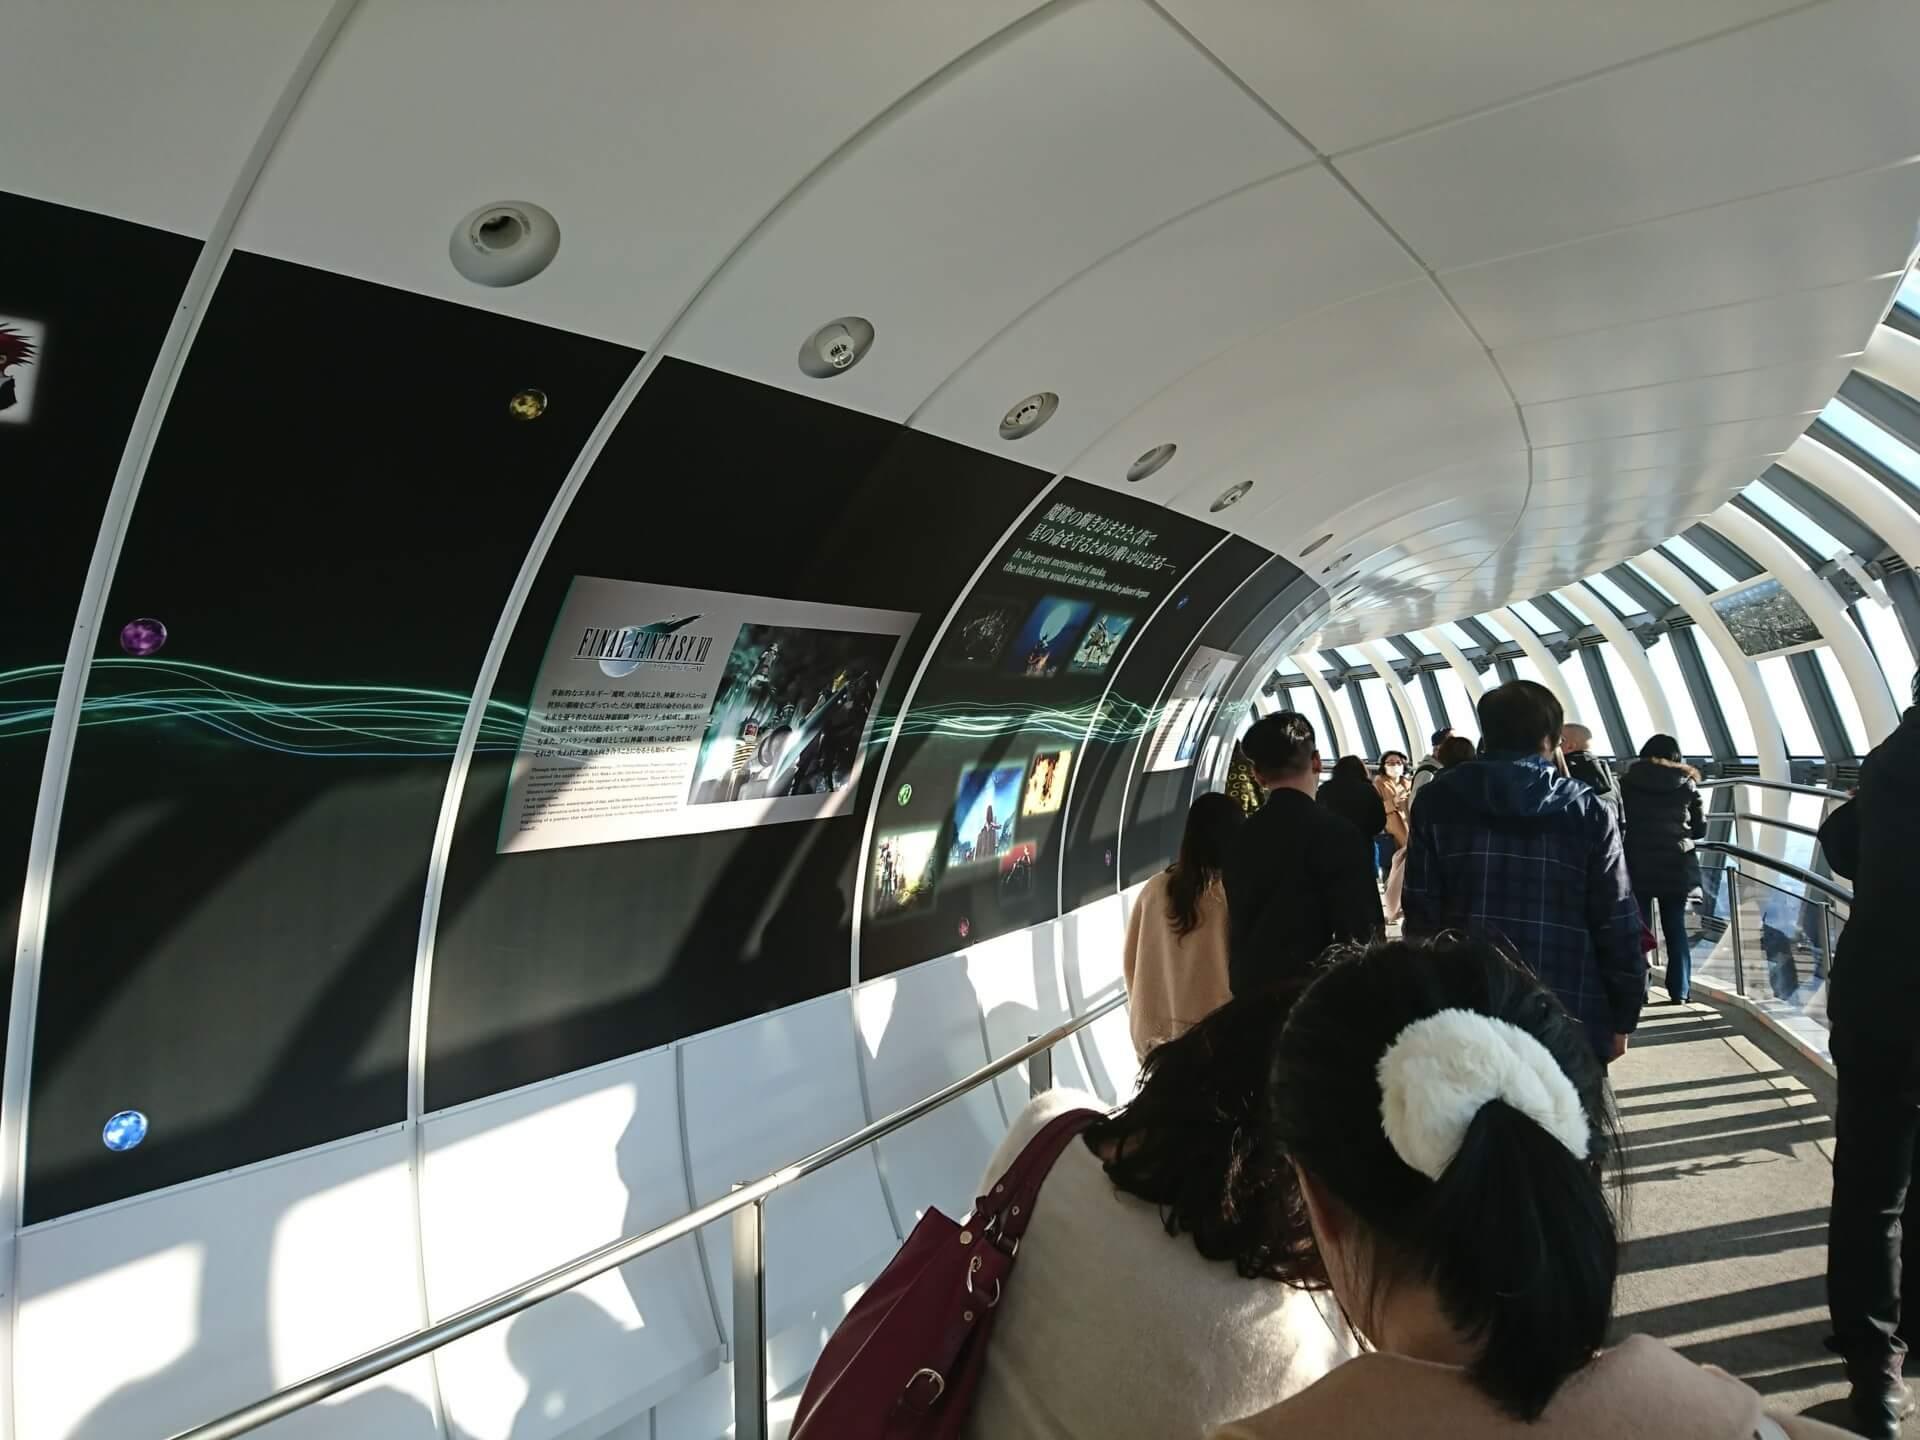 天望回廊のFF7コラボ